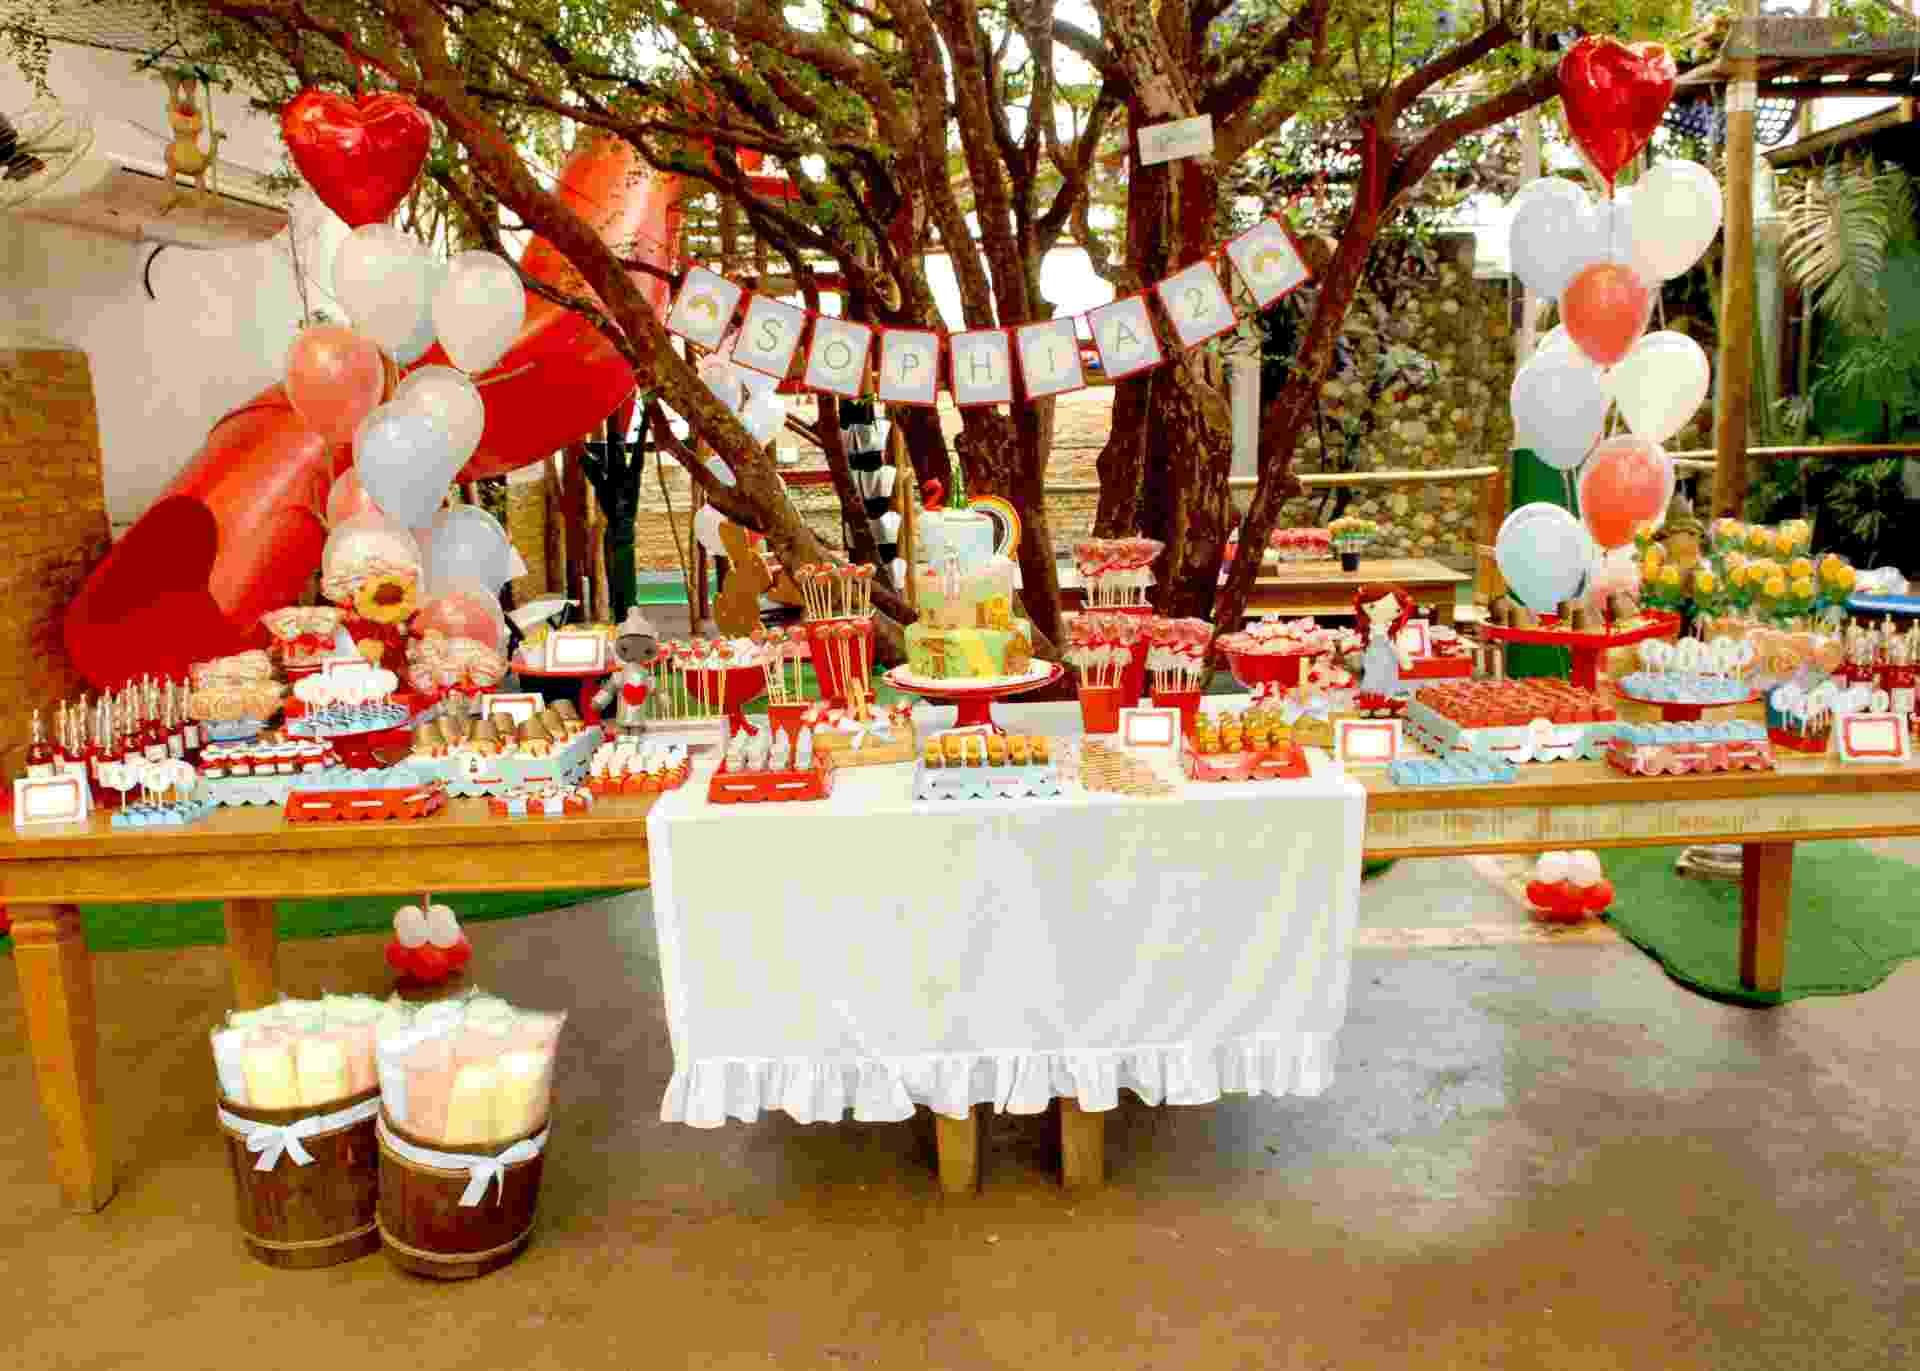 Esta festa organizada pela Caraminholando (www.caraminholando.com.br) foi inspirada no filme O Mágico de Oz. Os ícones do filme foram explorados para criar a decoração, principalmente seus personagens - Divulgação